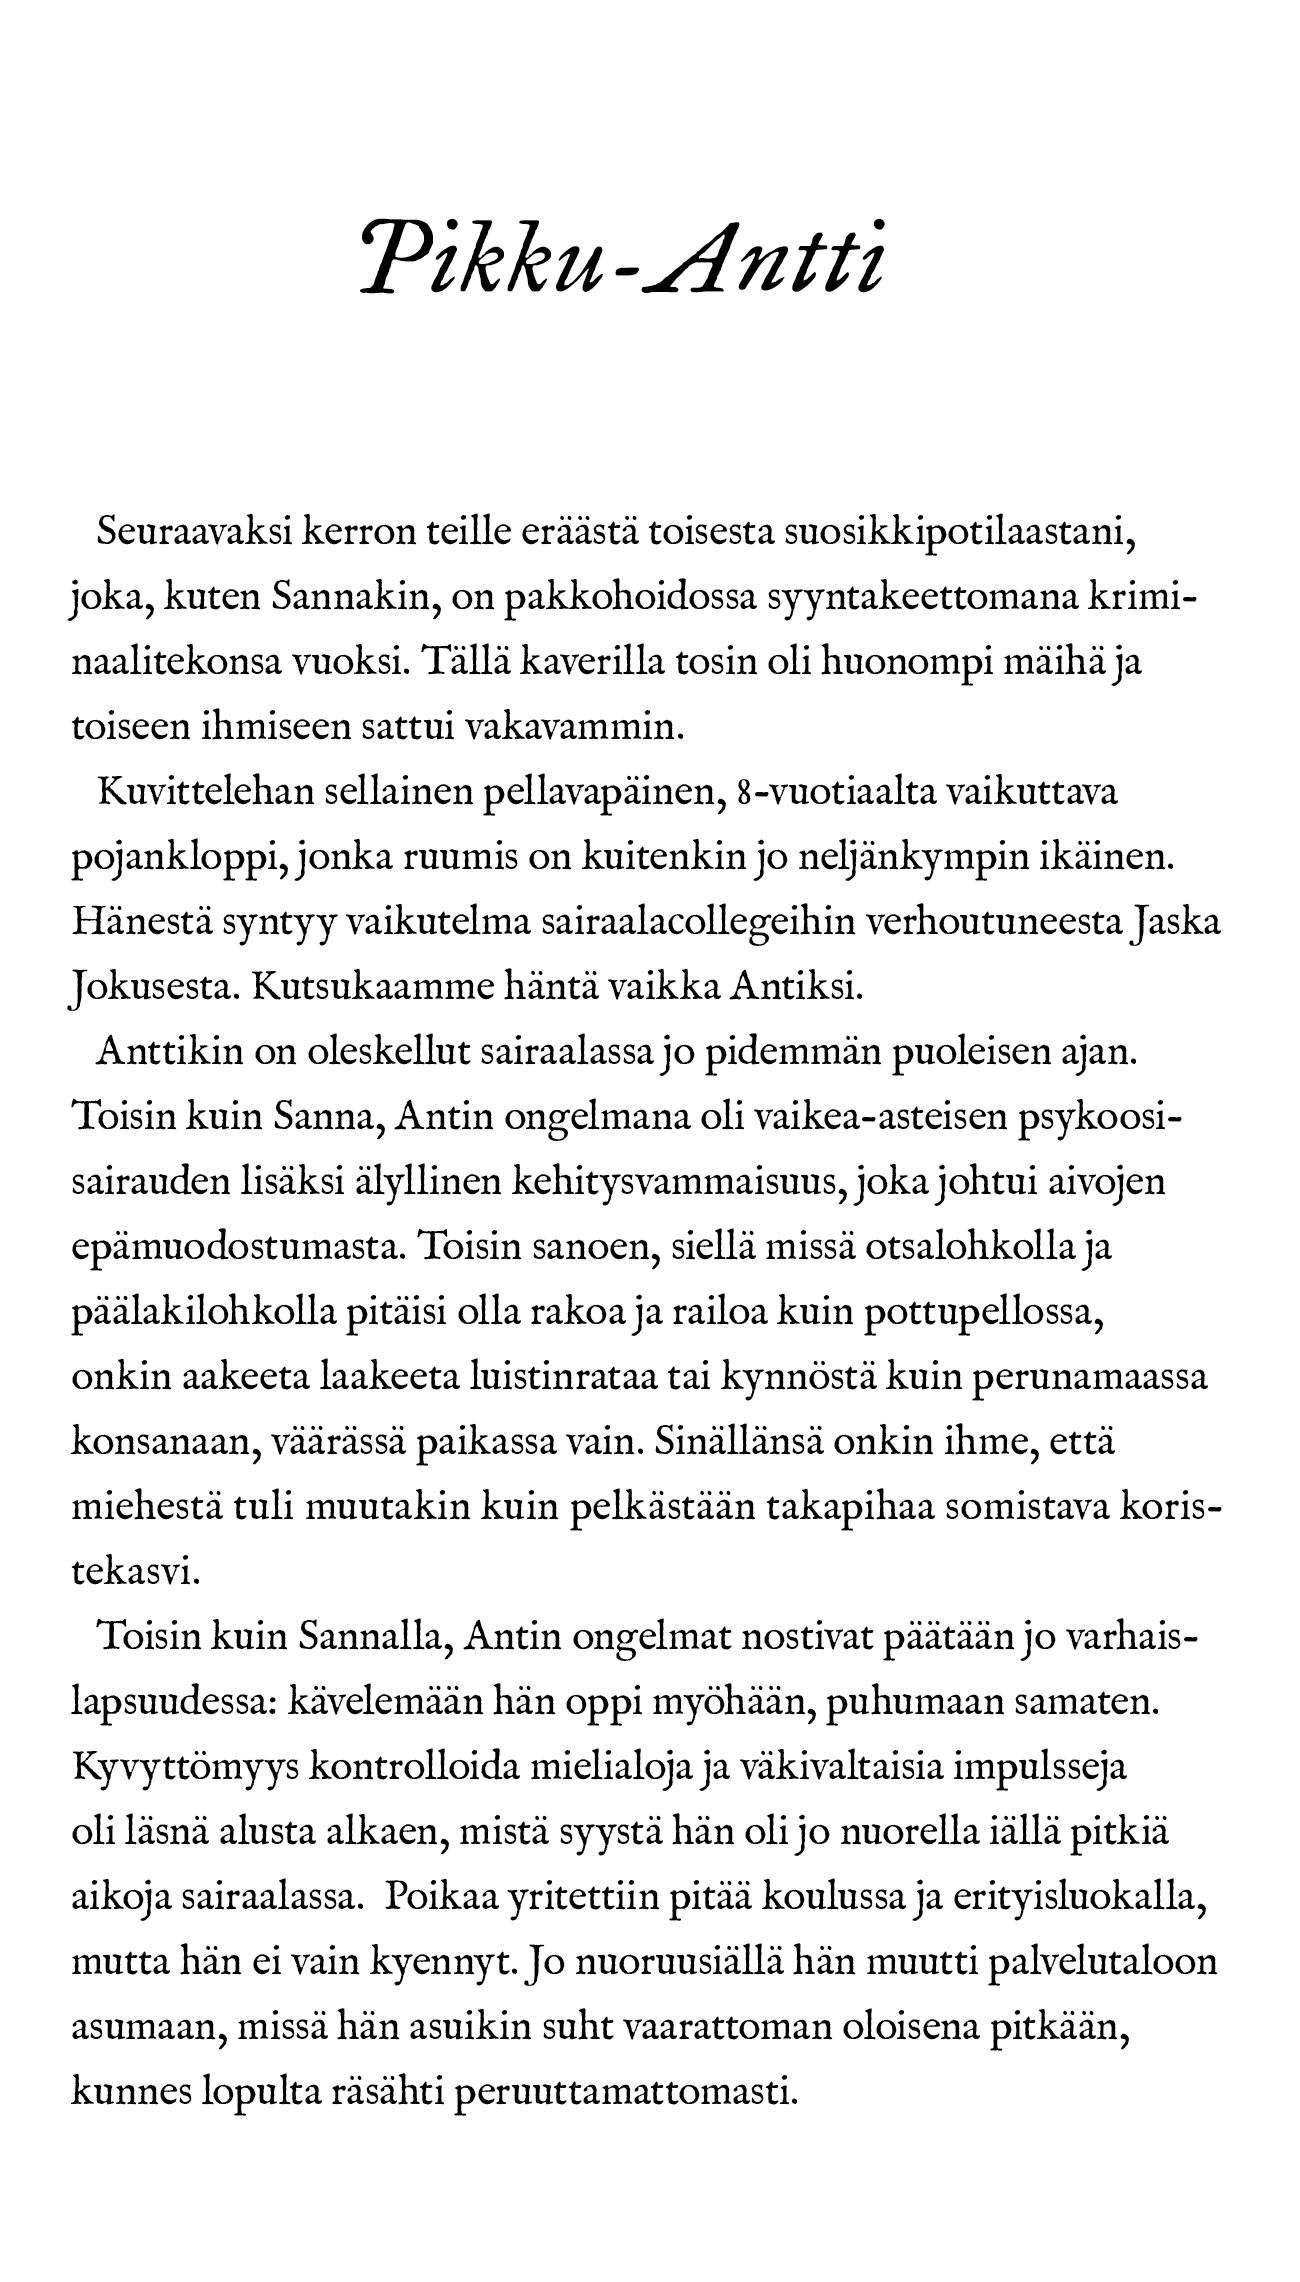 PikkuAntti Raskaan sarjan psykiatriaa sivu